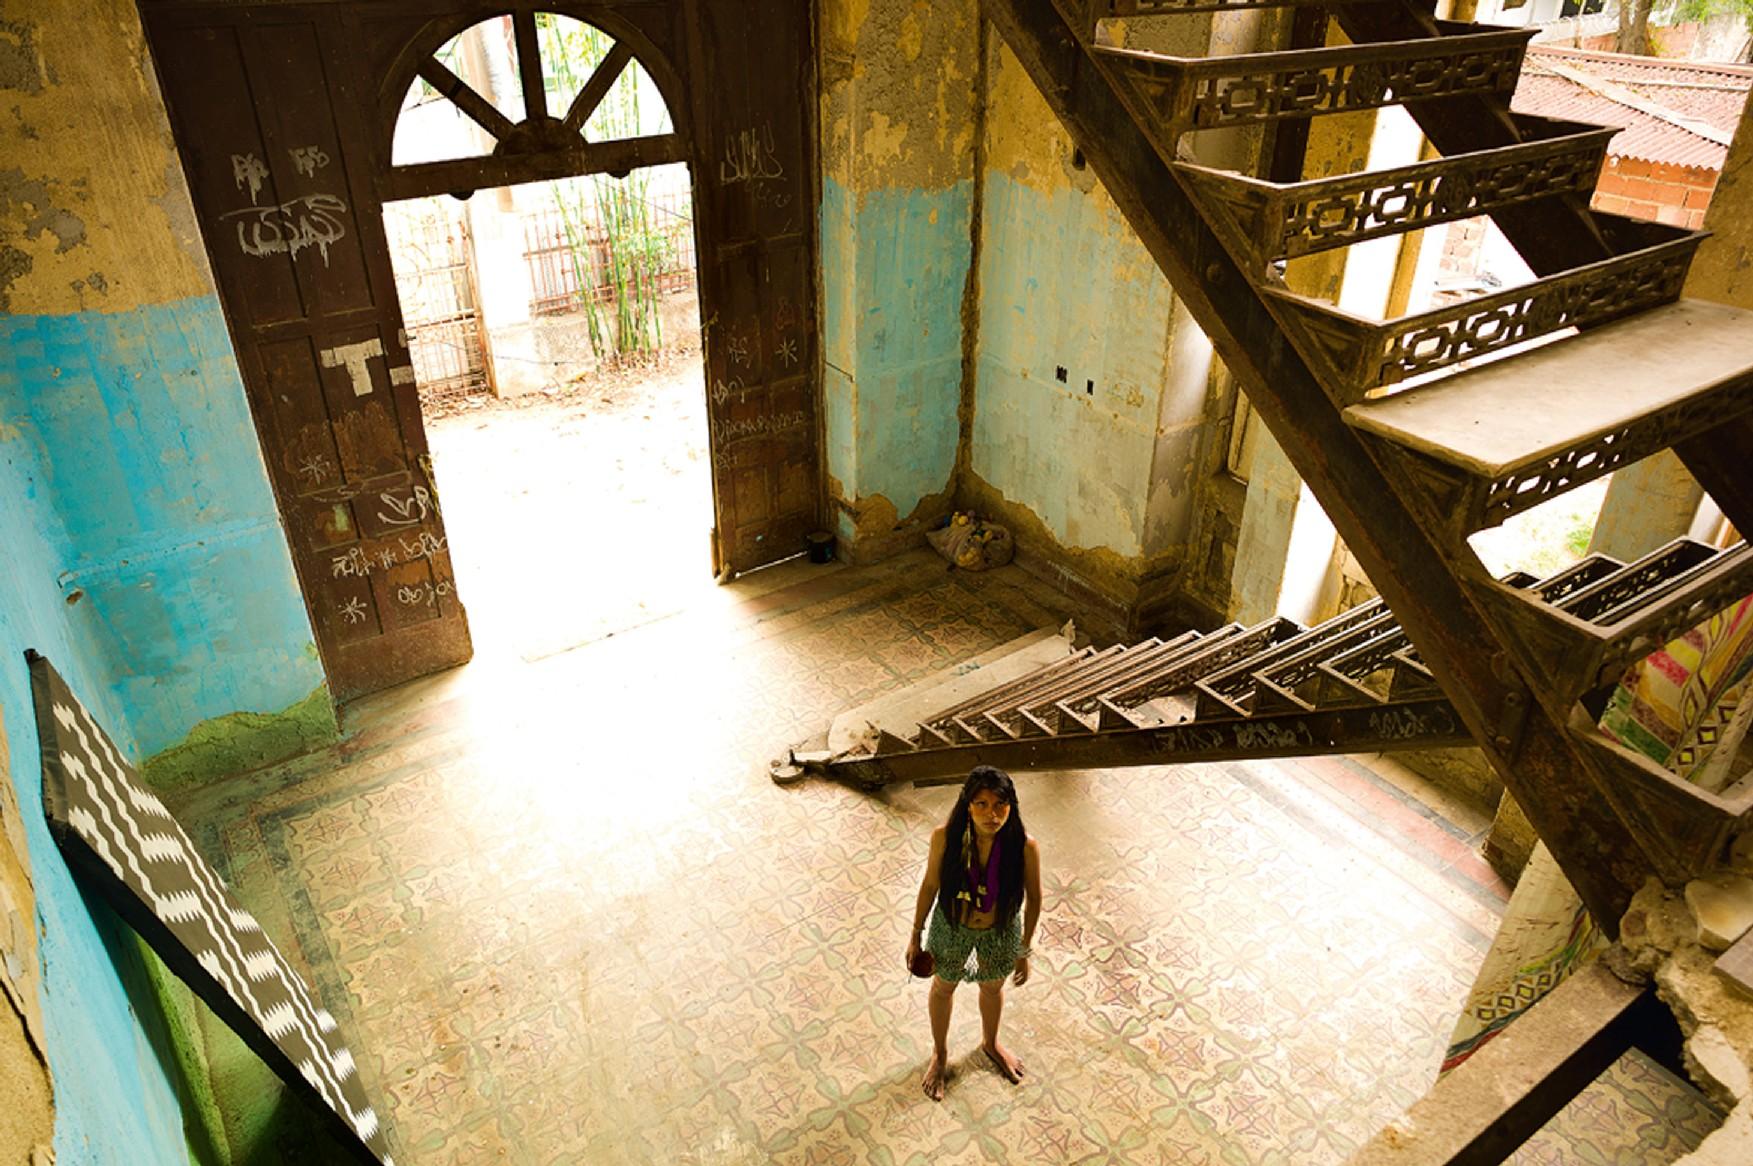 Zahy na aldeia Maracanã, que já foi sede da SPI (antiga Funai)